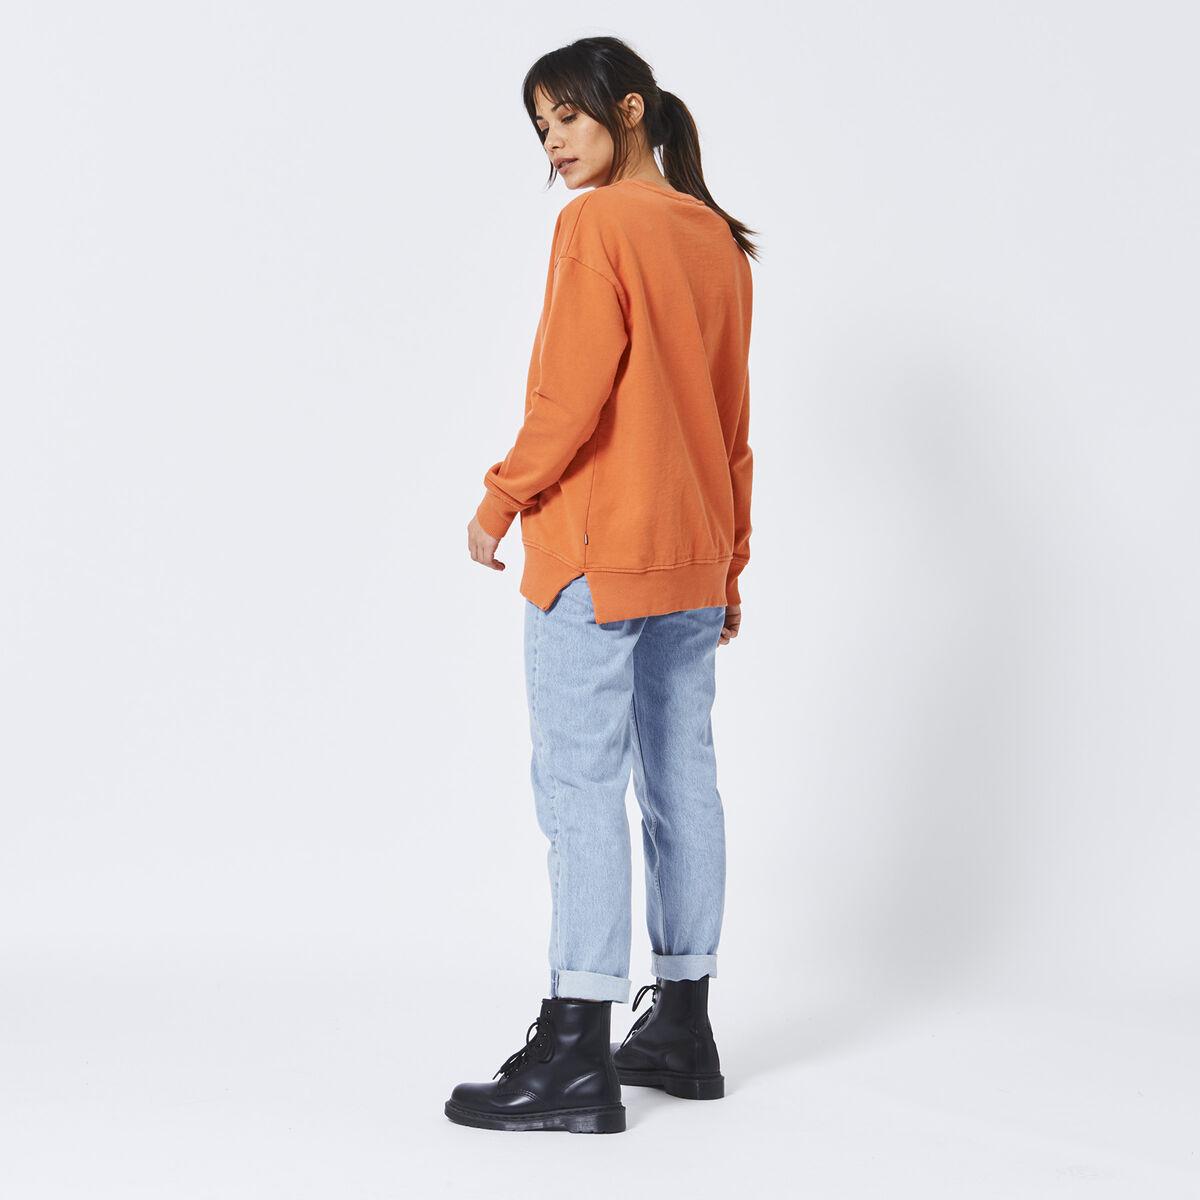 Sweater San